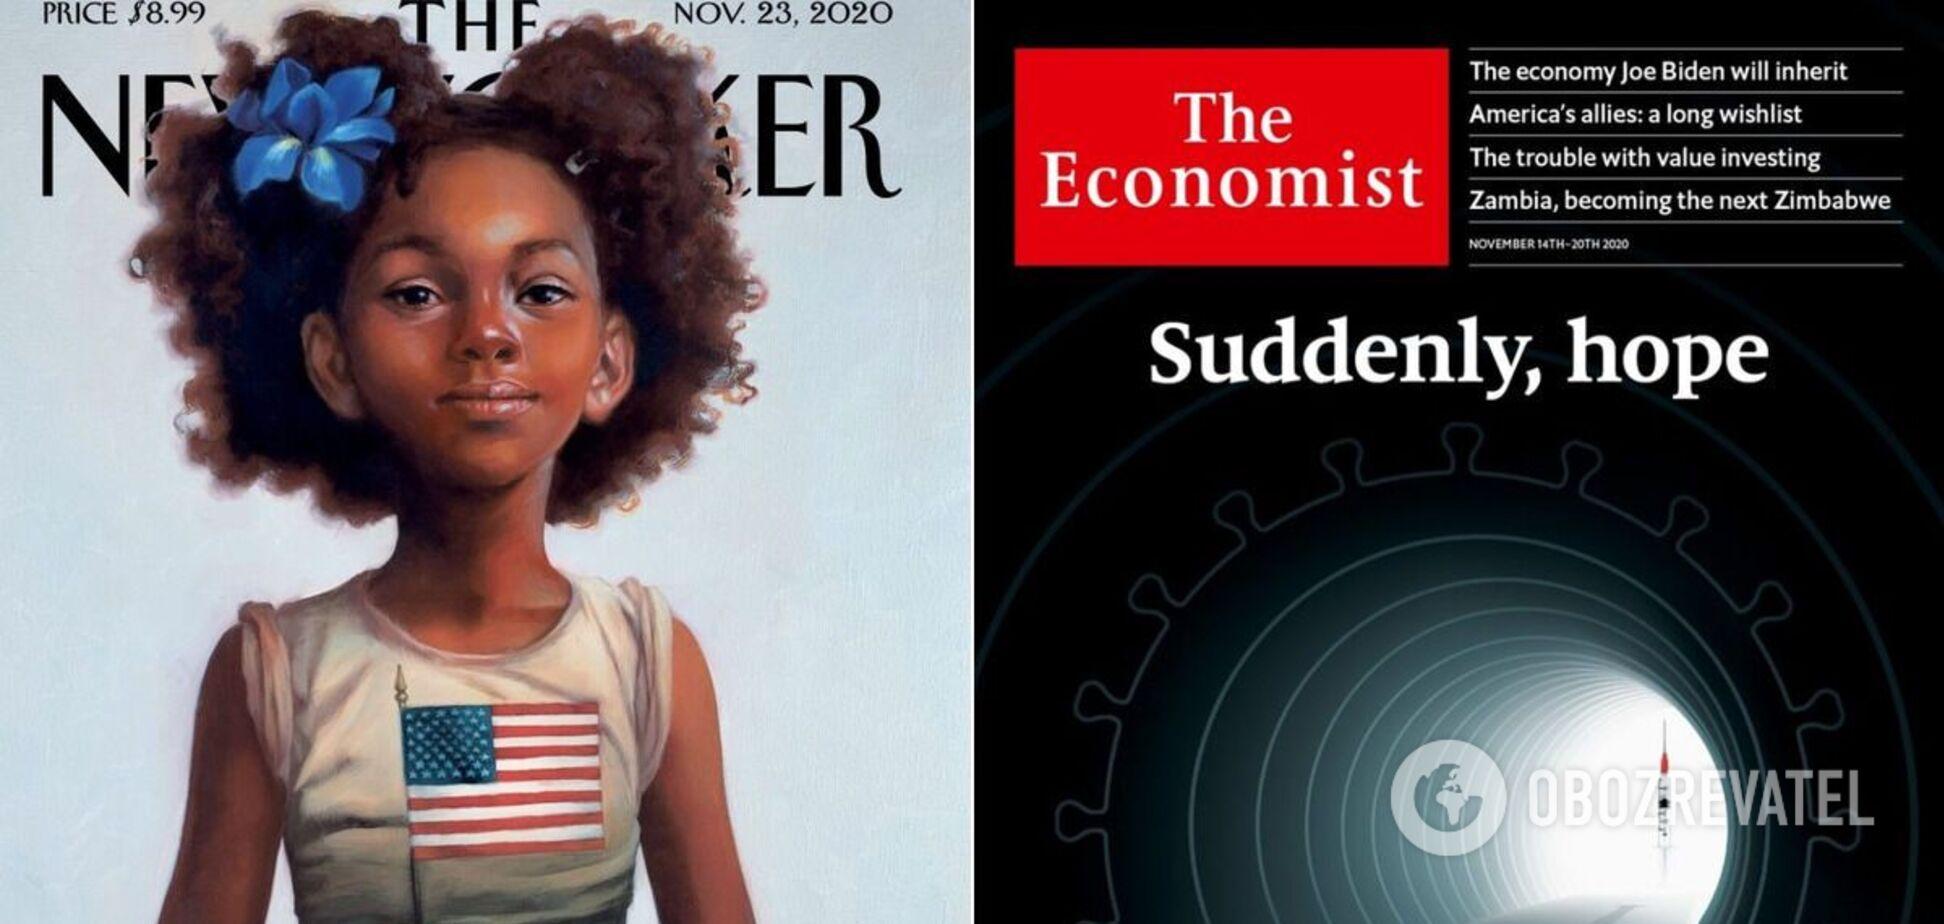 Американські журнали присвятили обкладинки виборів і вакцині від коронавируса